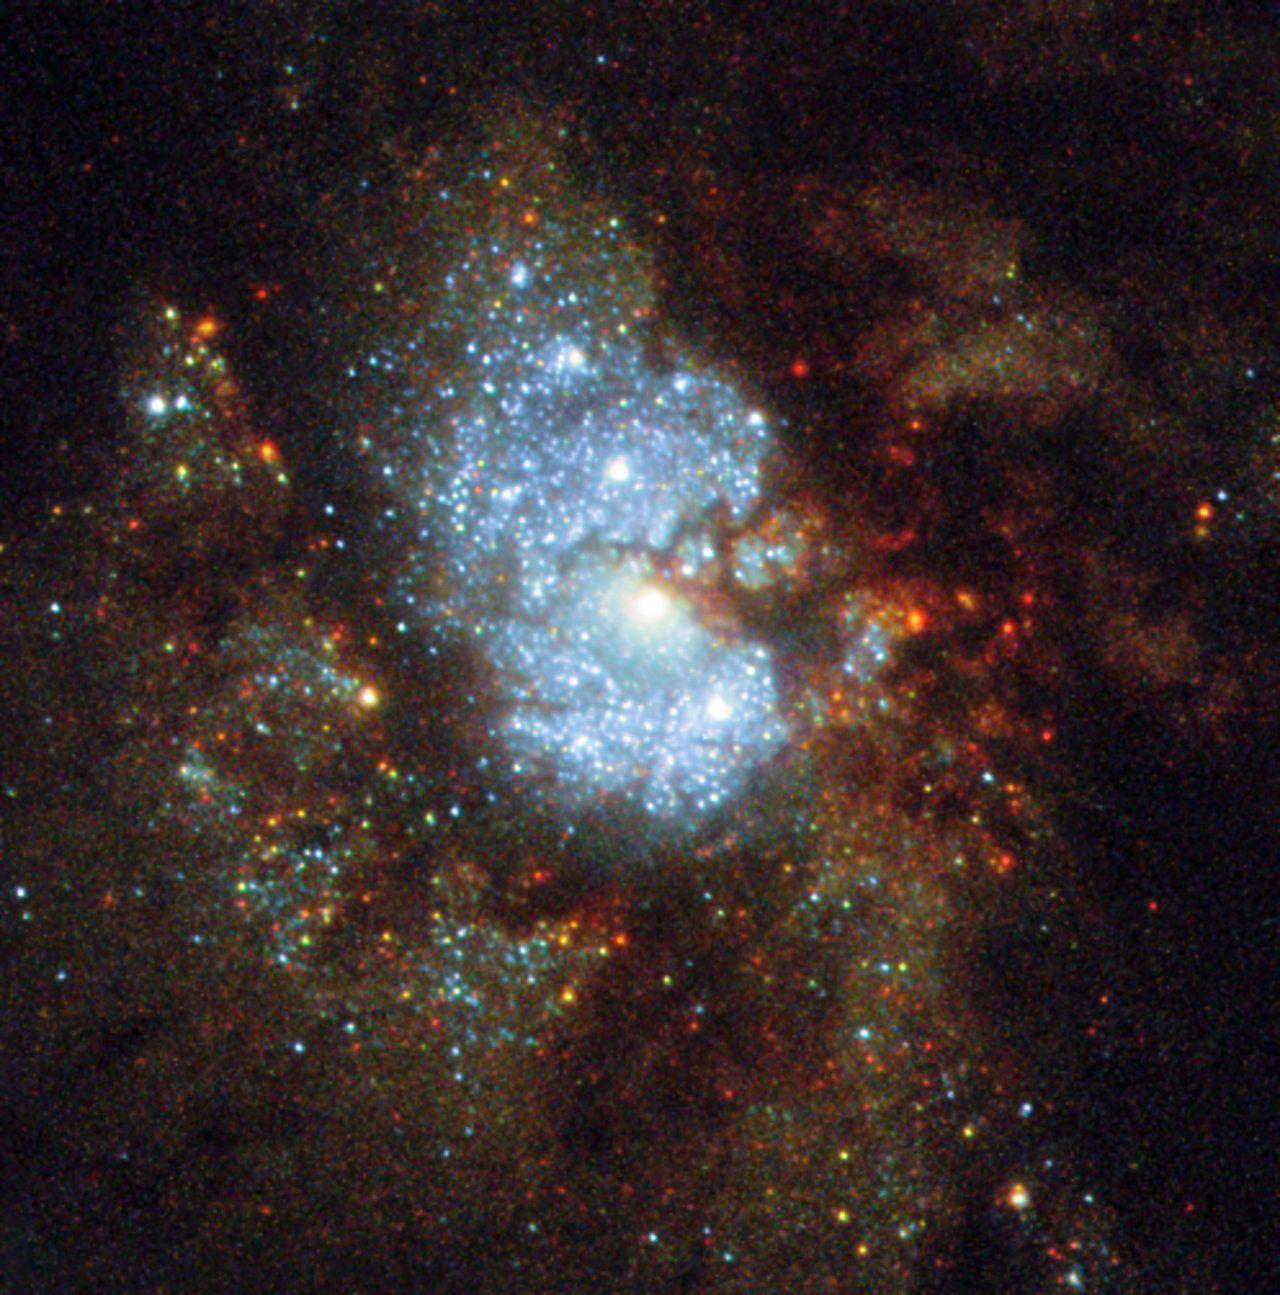 nasa finds blue star - HD1092×1105